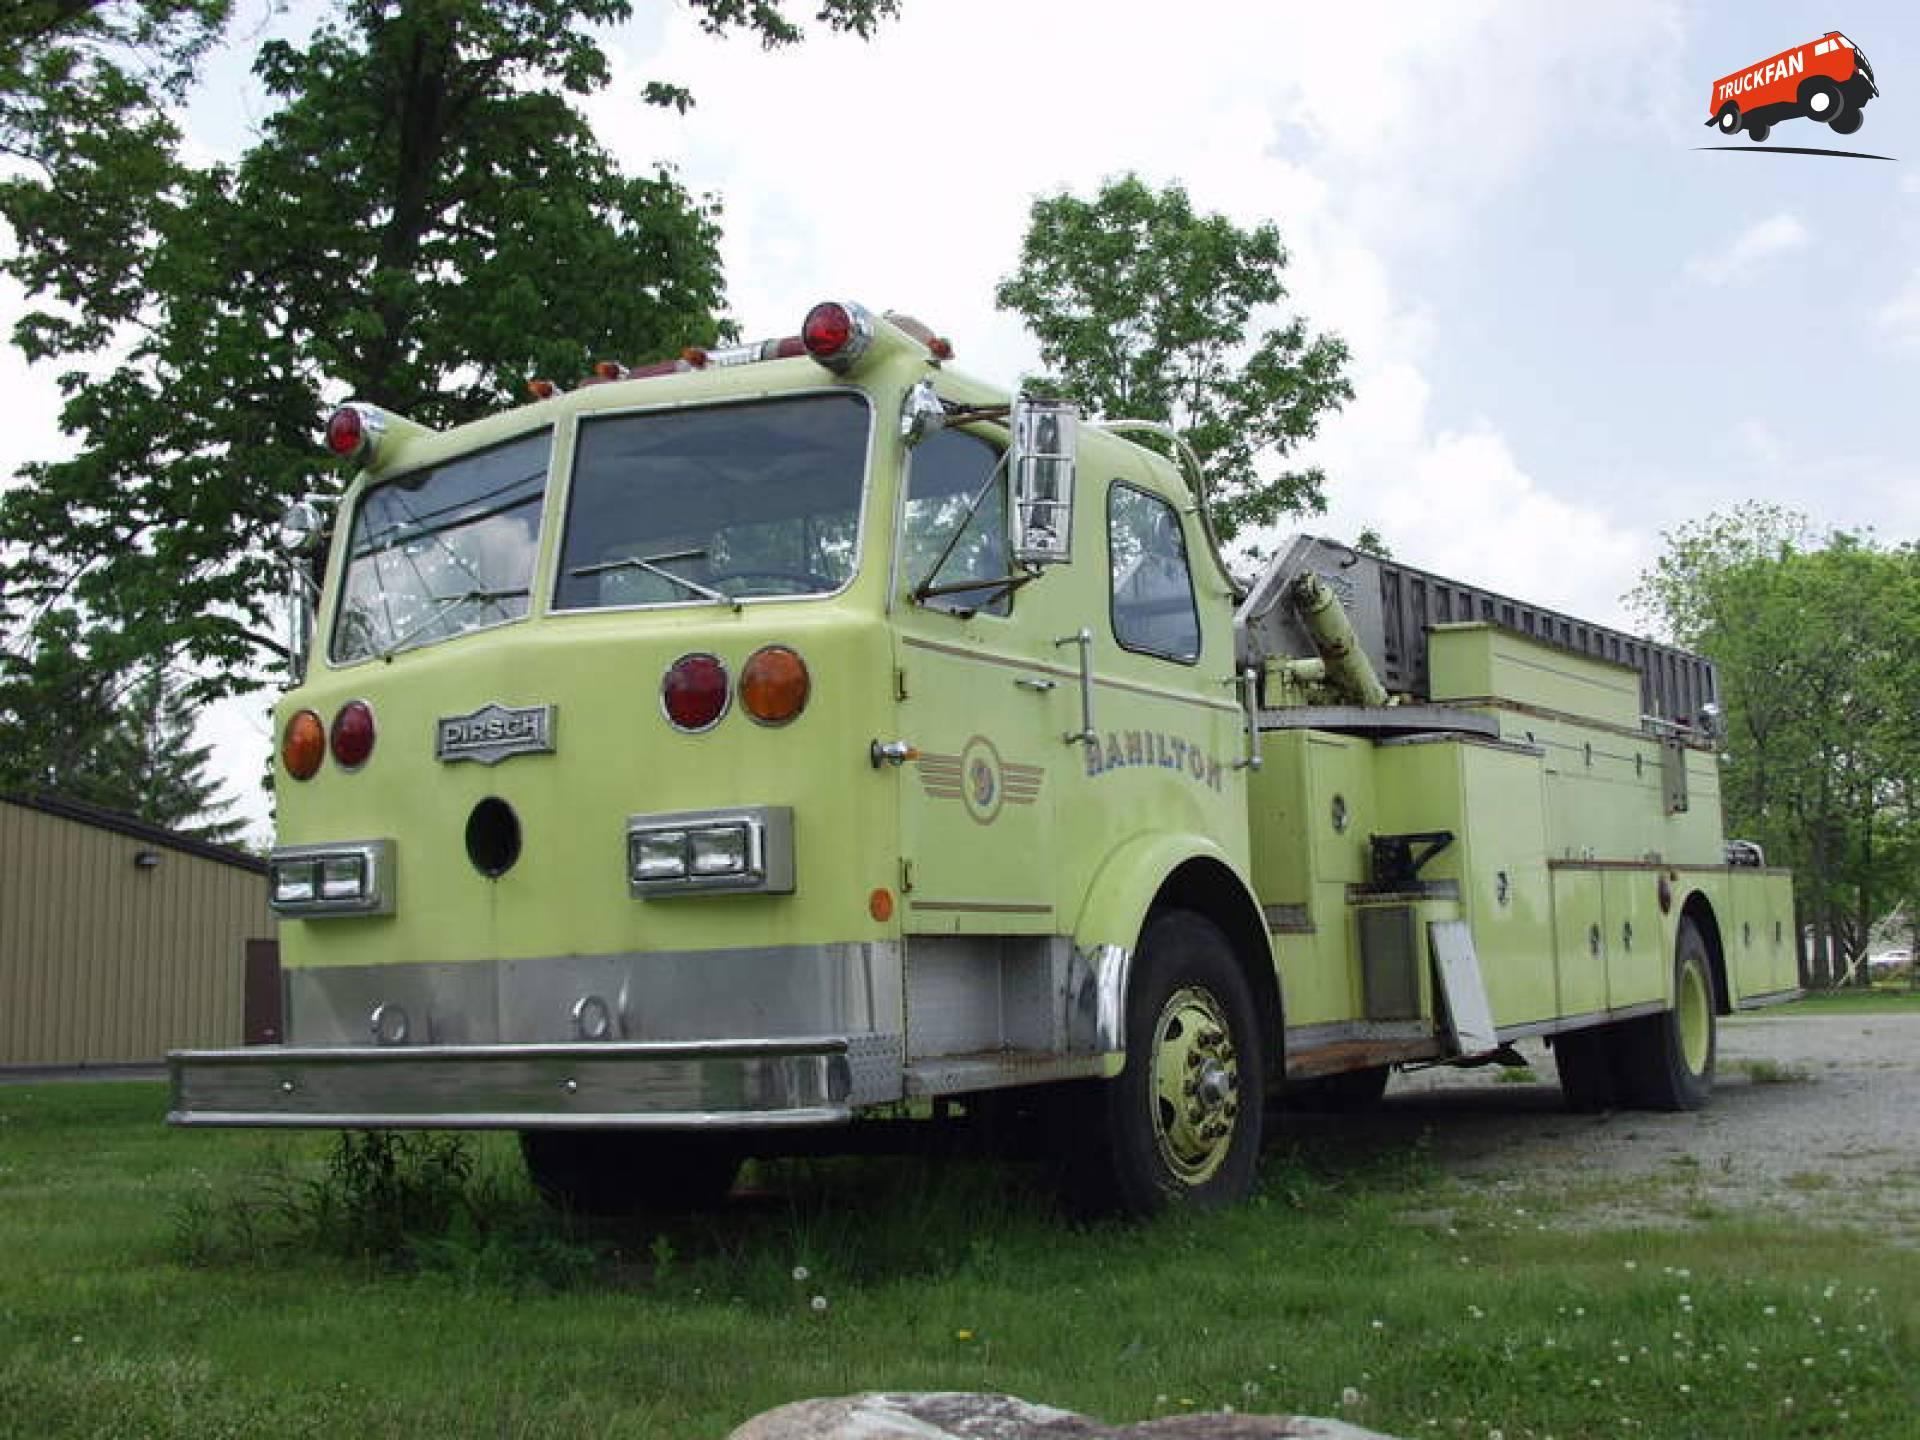 Pirsch brandweerwagen